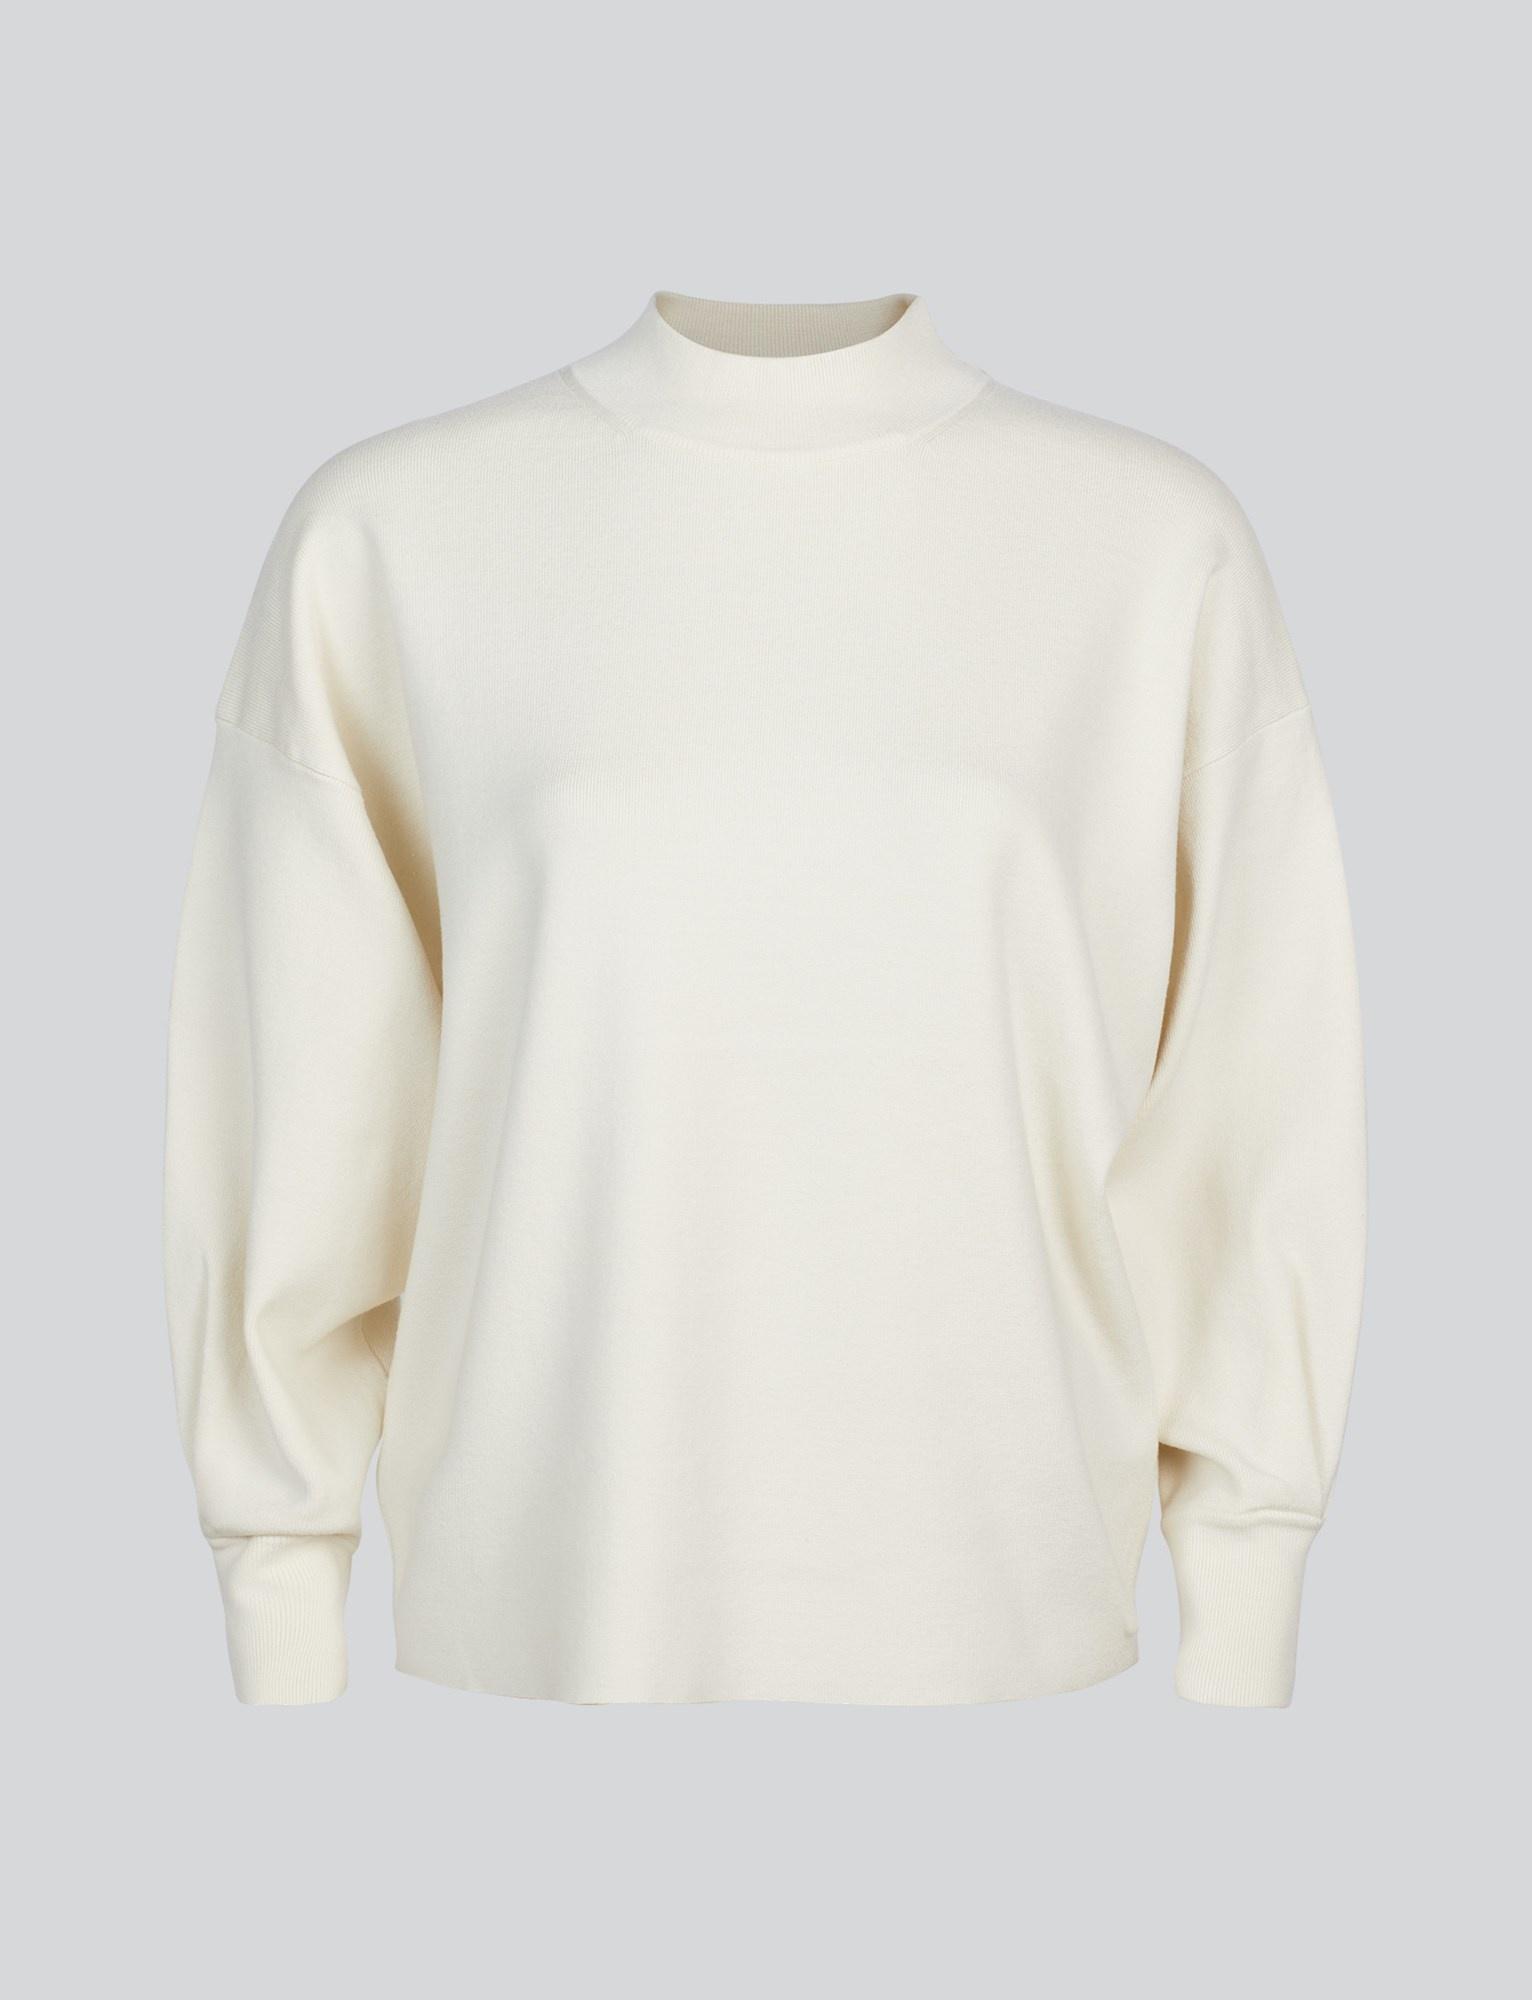 Summum turtle neck sweater 7S5607-7831-1